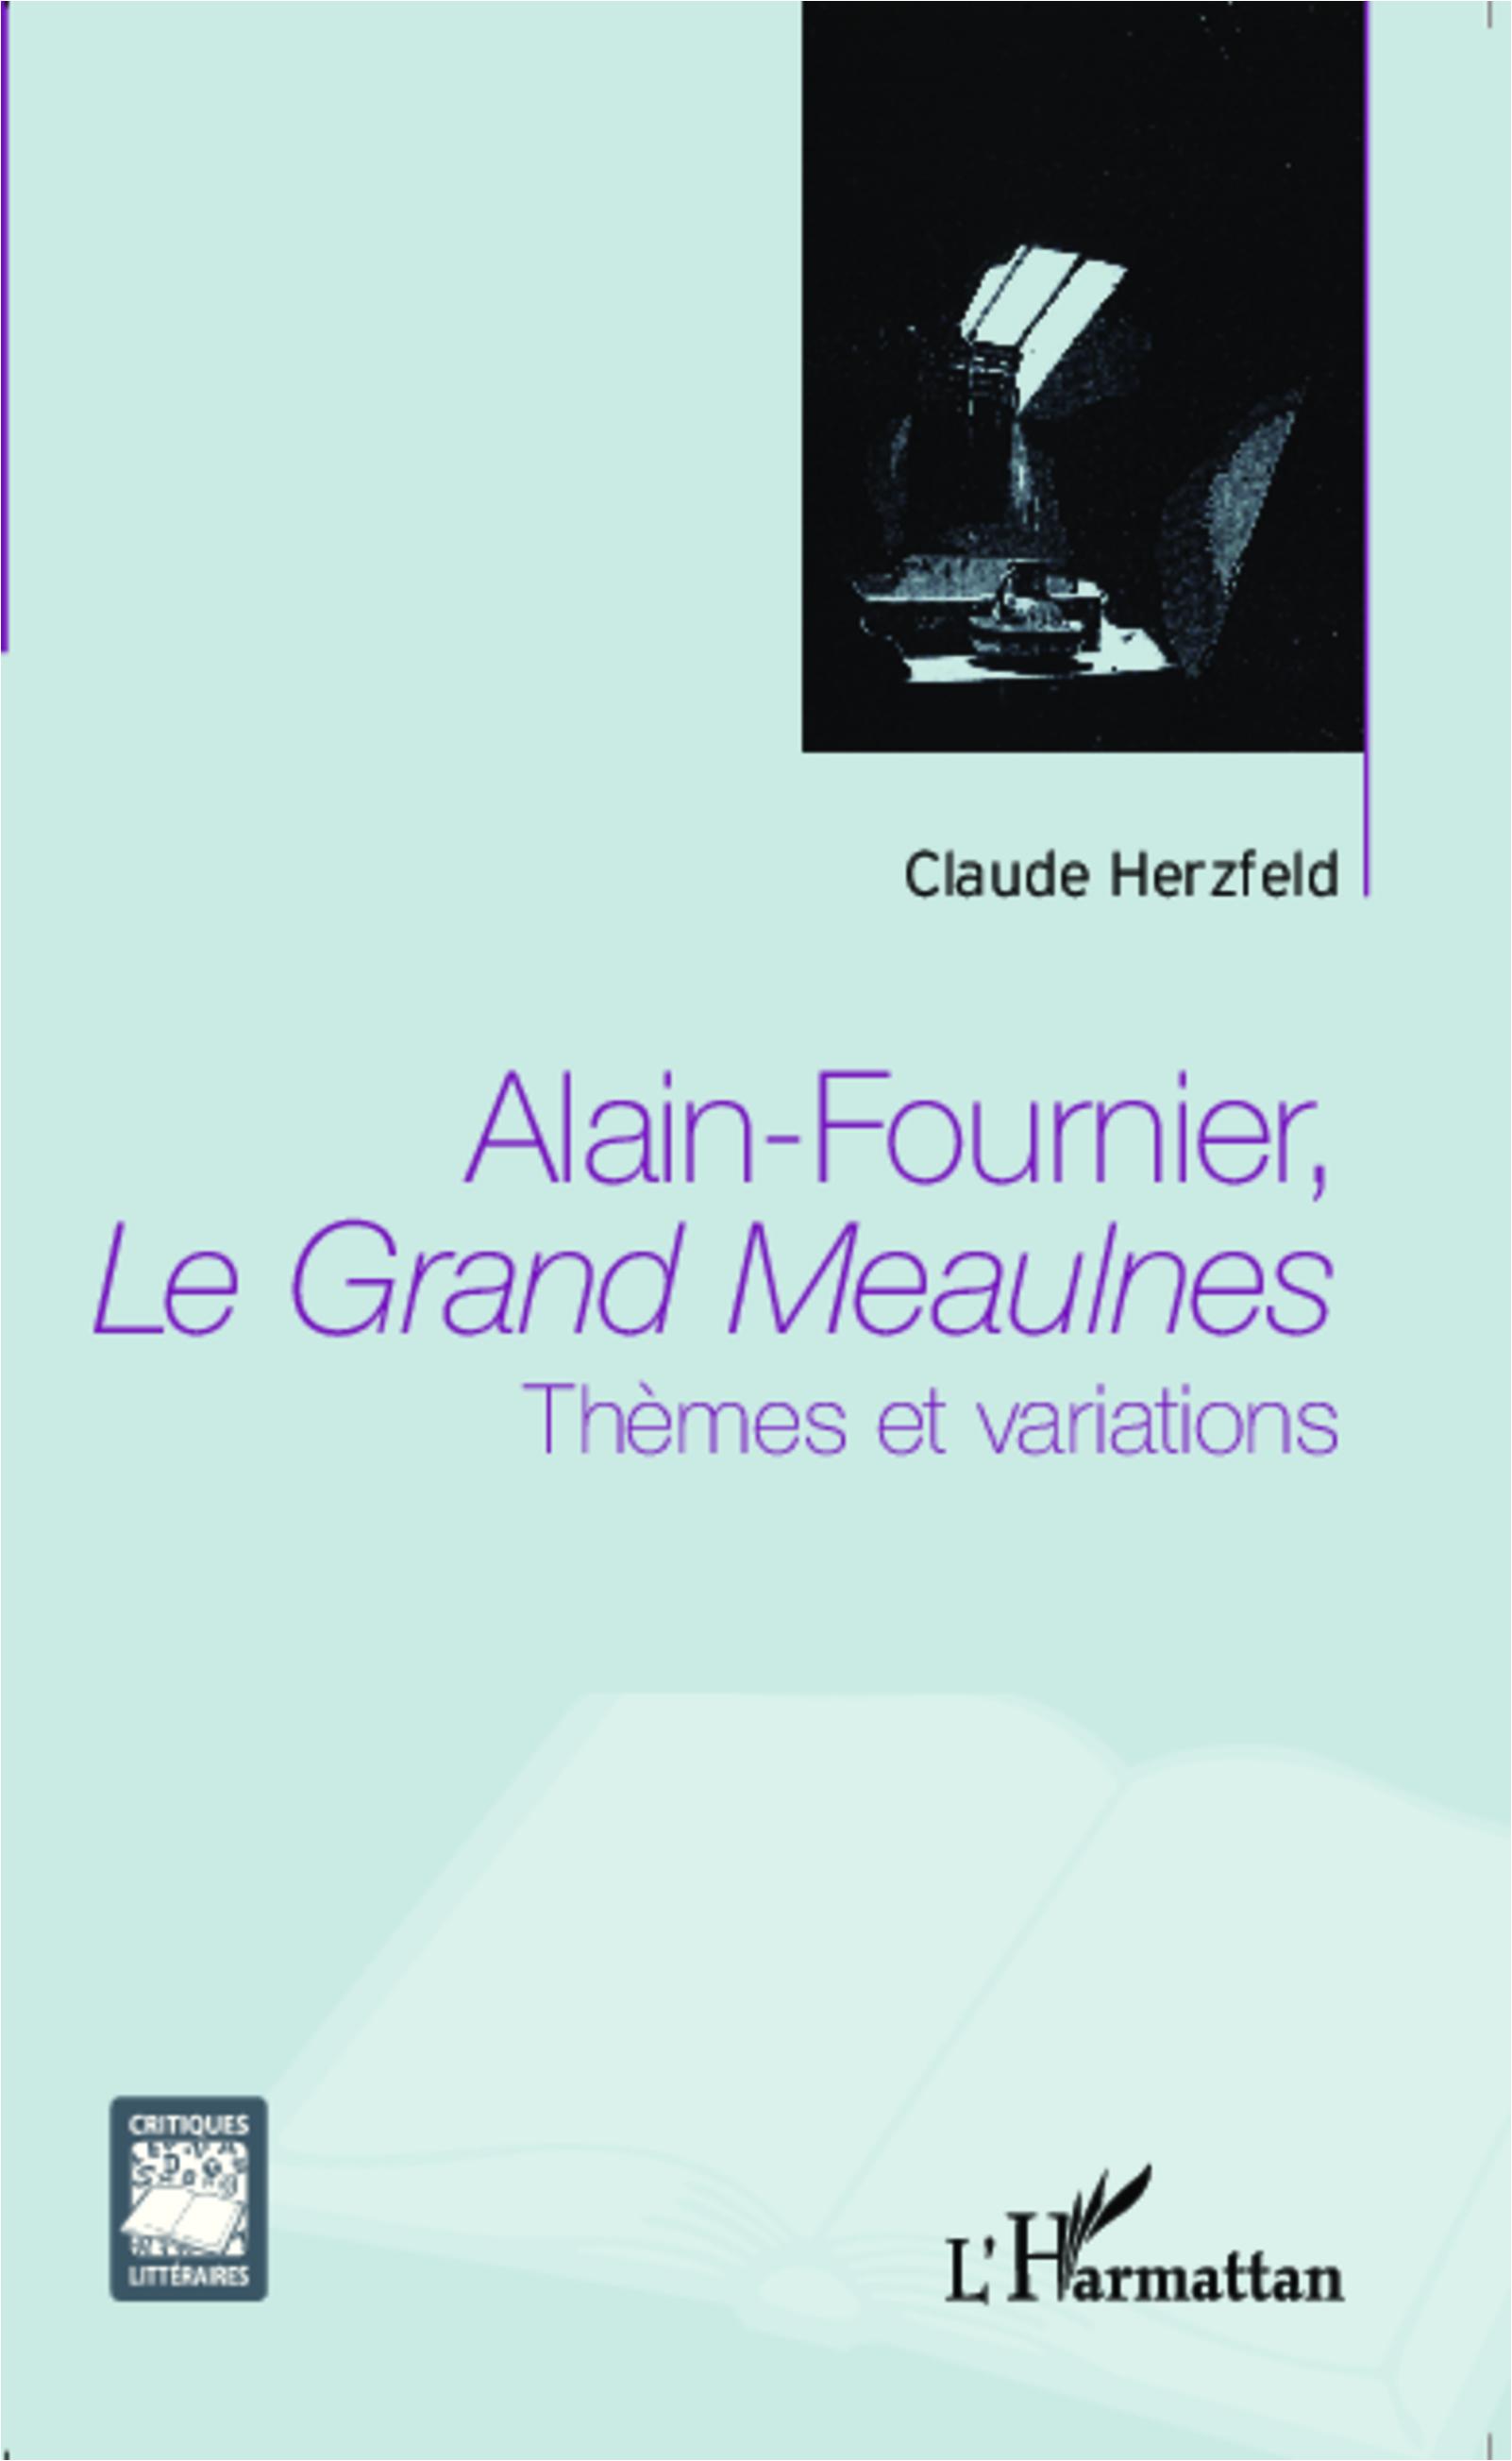 C. Herzfeld, Alain Fournier, Le Grand Meaulnes : Thèmes et variations